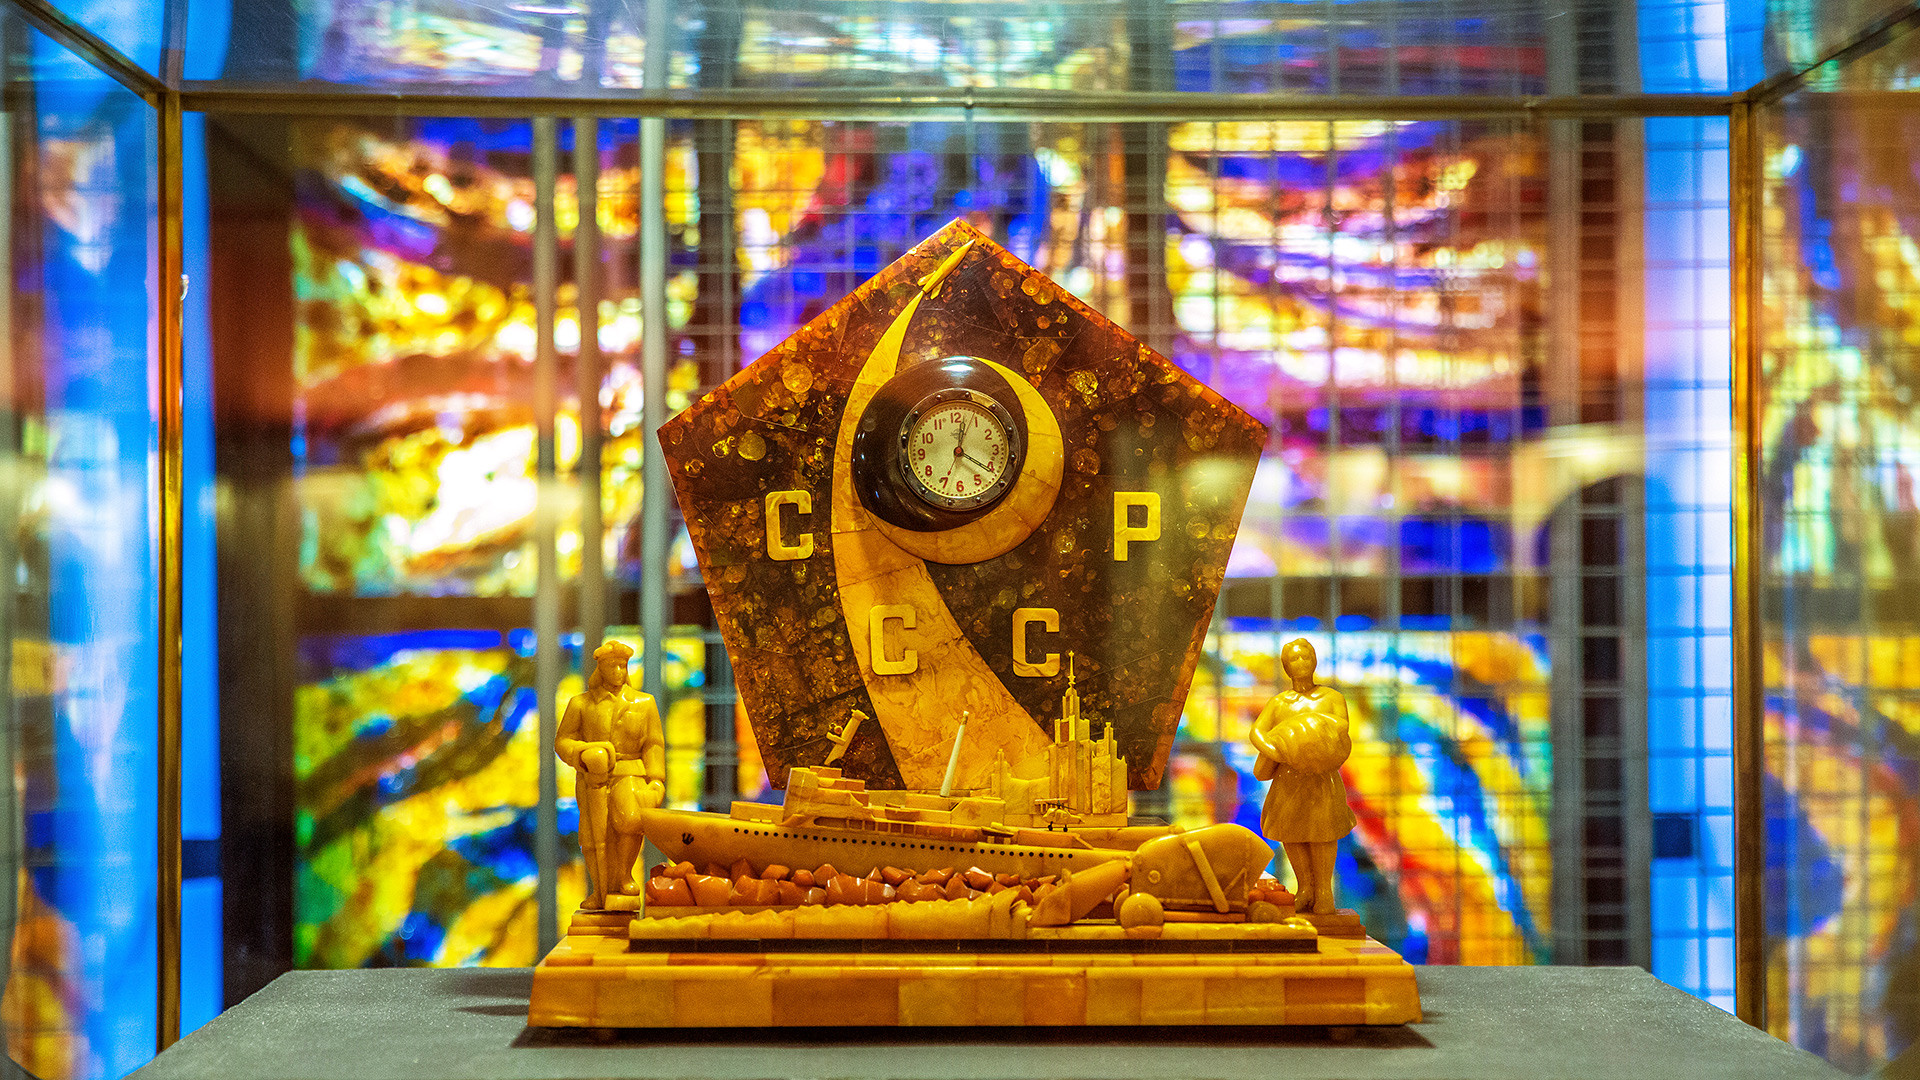 """Часовник """"Епоха"""" у Музеју ћилибара."""